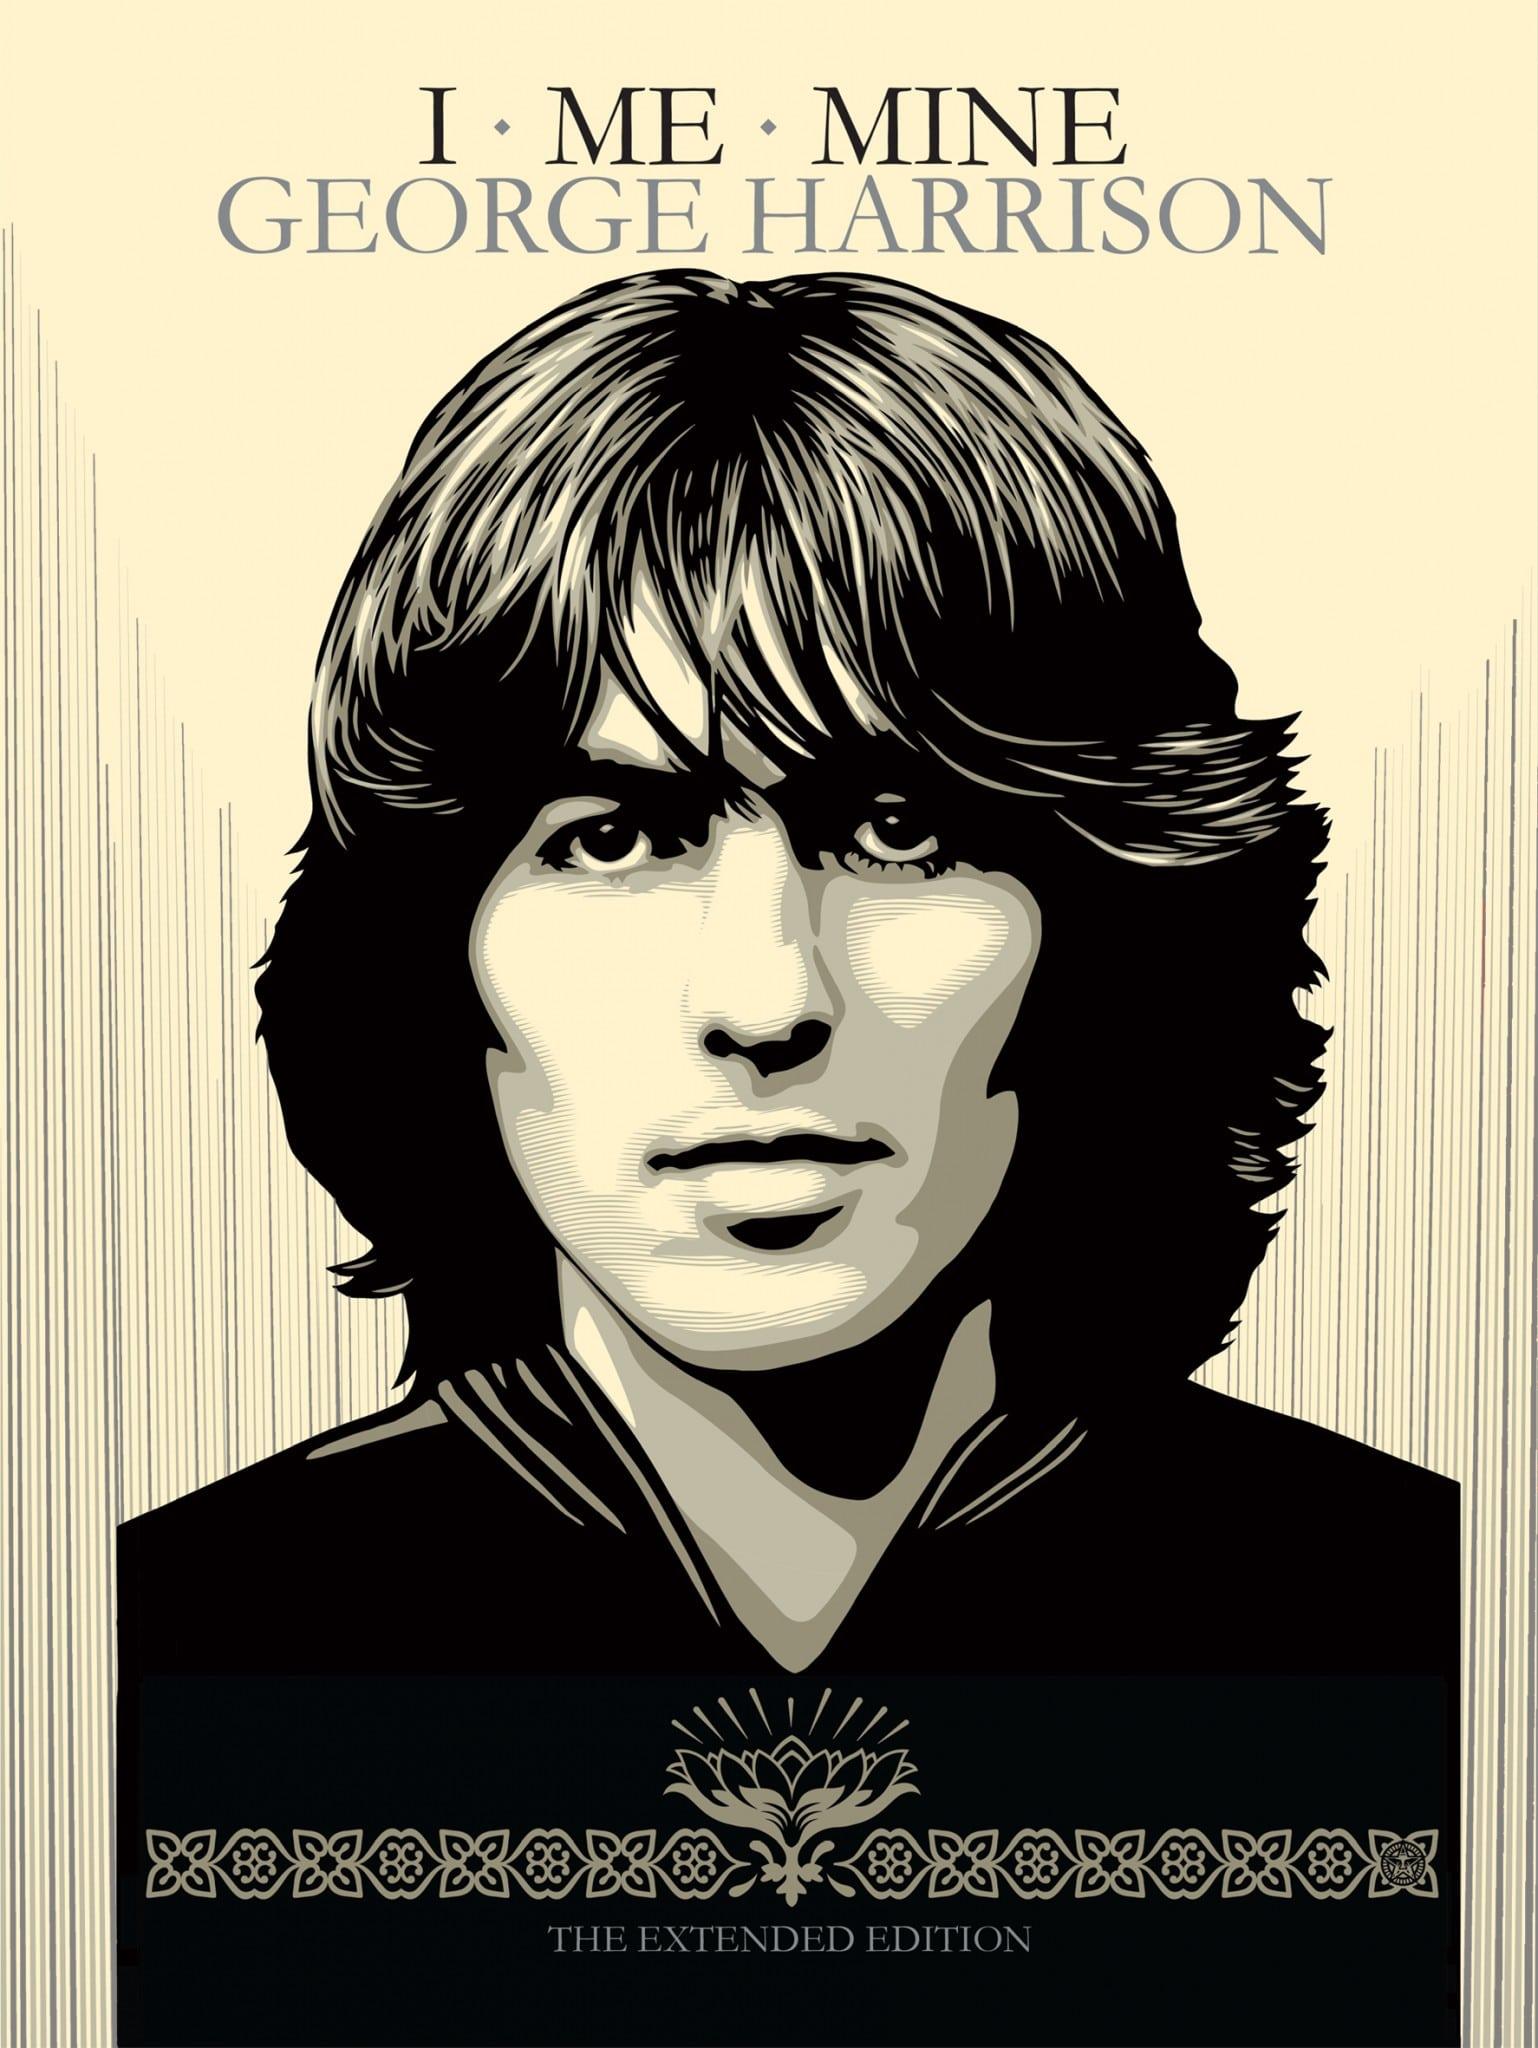 George_Harrison_I_ME_MINE_COVER_M